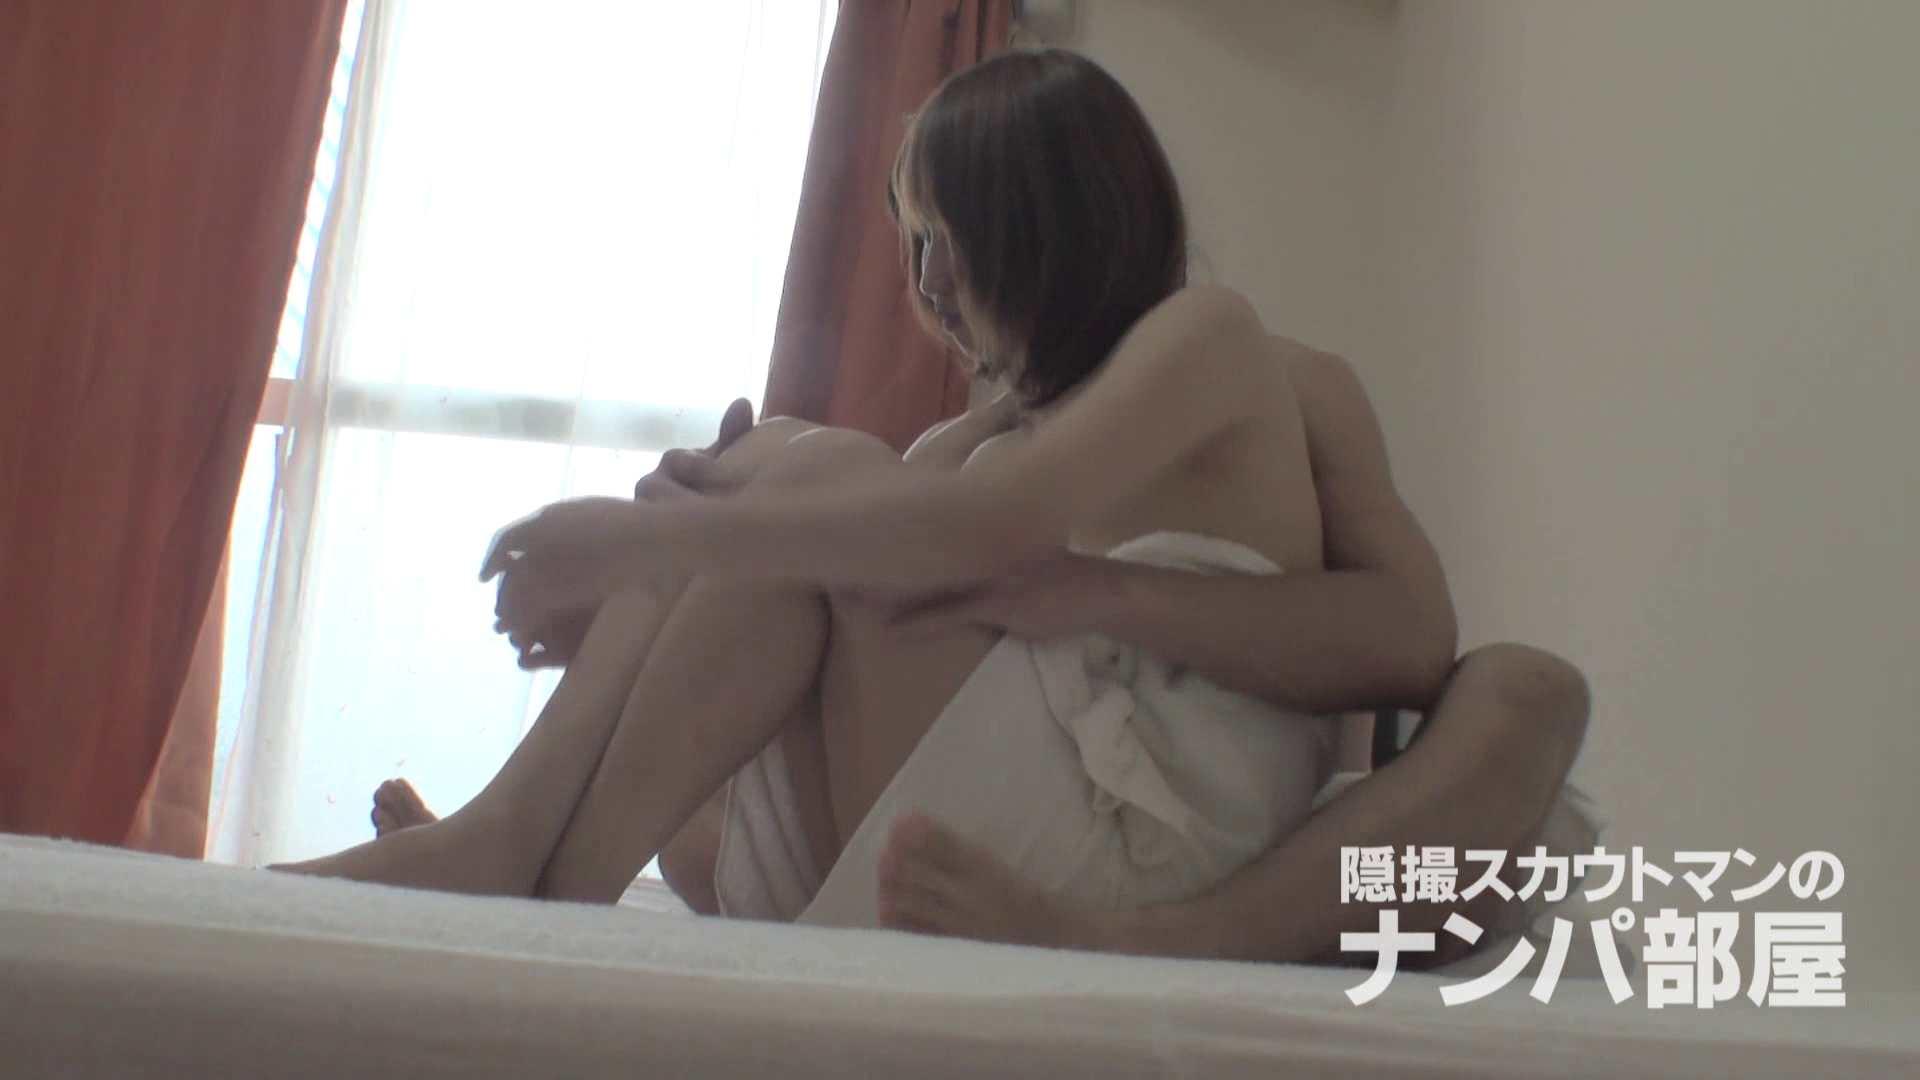 隠撮スカウトマンのナンパ部屋~風俗デビュー前のつまみ食い~ sii 隠撮  98pic 72